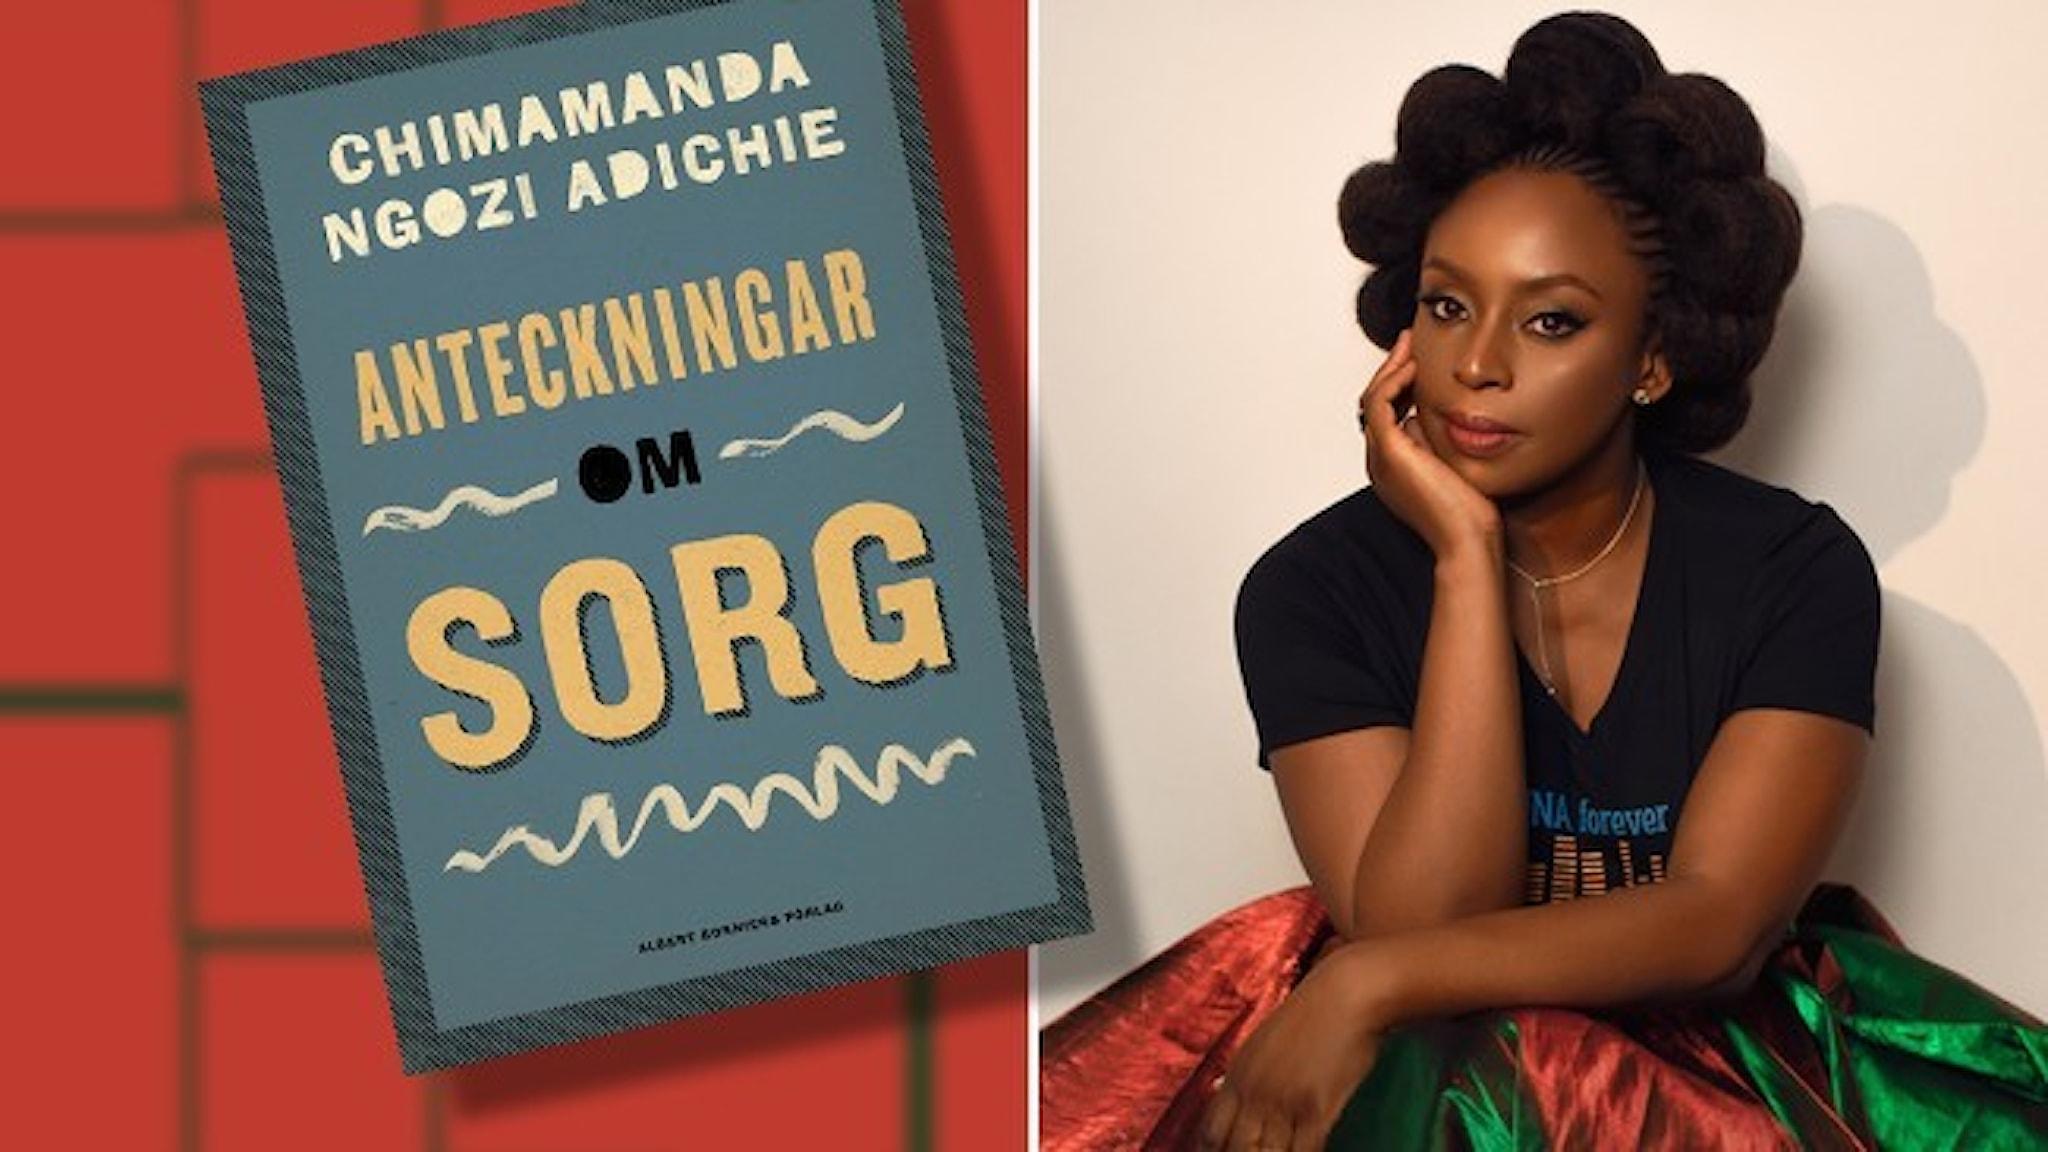 Ett porträtt av den nigerianska författaren Chimamanda Ngozi Adichie klädd i röd och grön glansig kjol och infällt i bilden är omslaget till hennes bok Anteckningar om sorg.